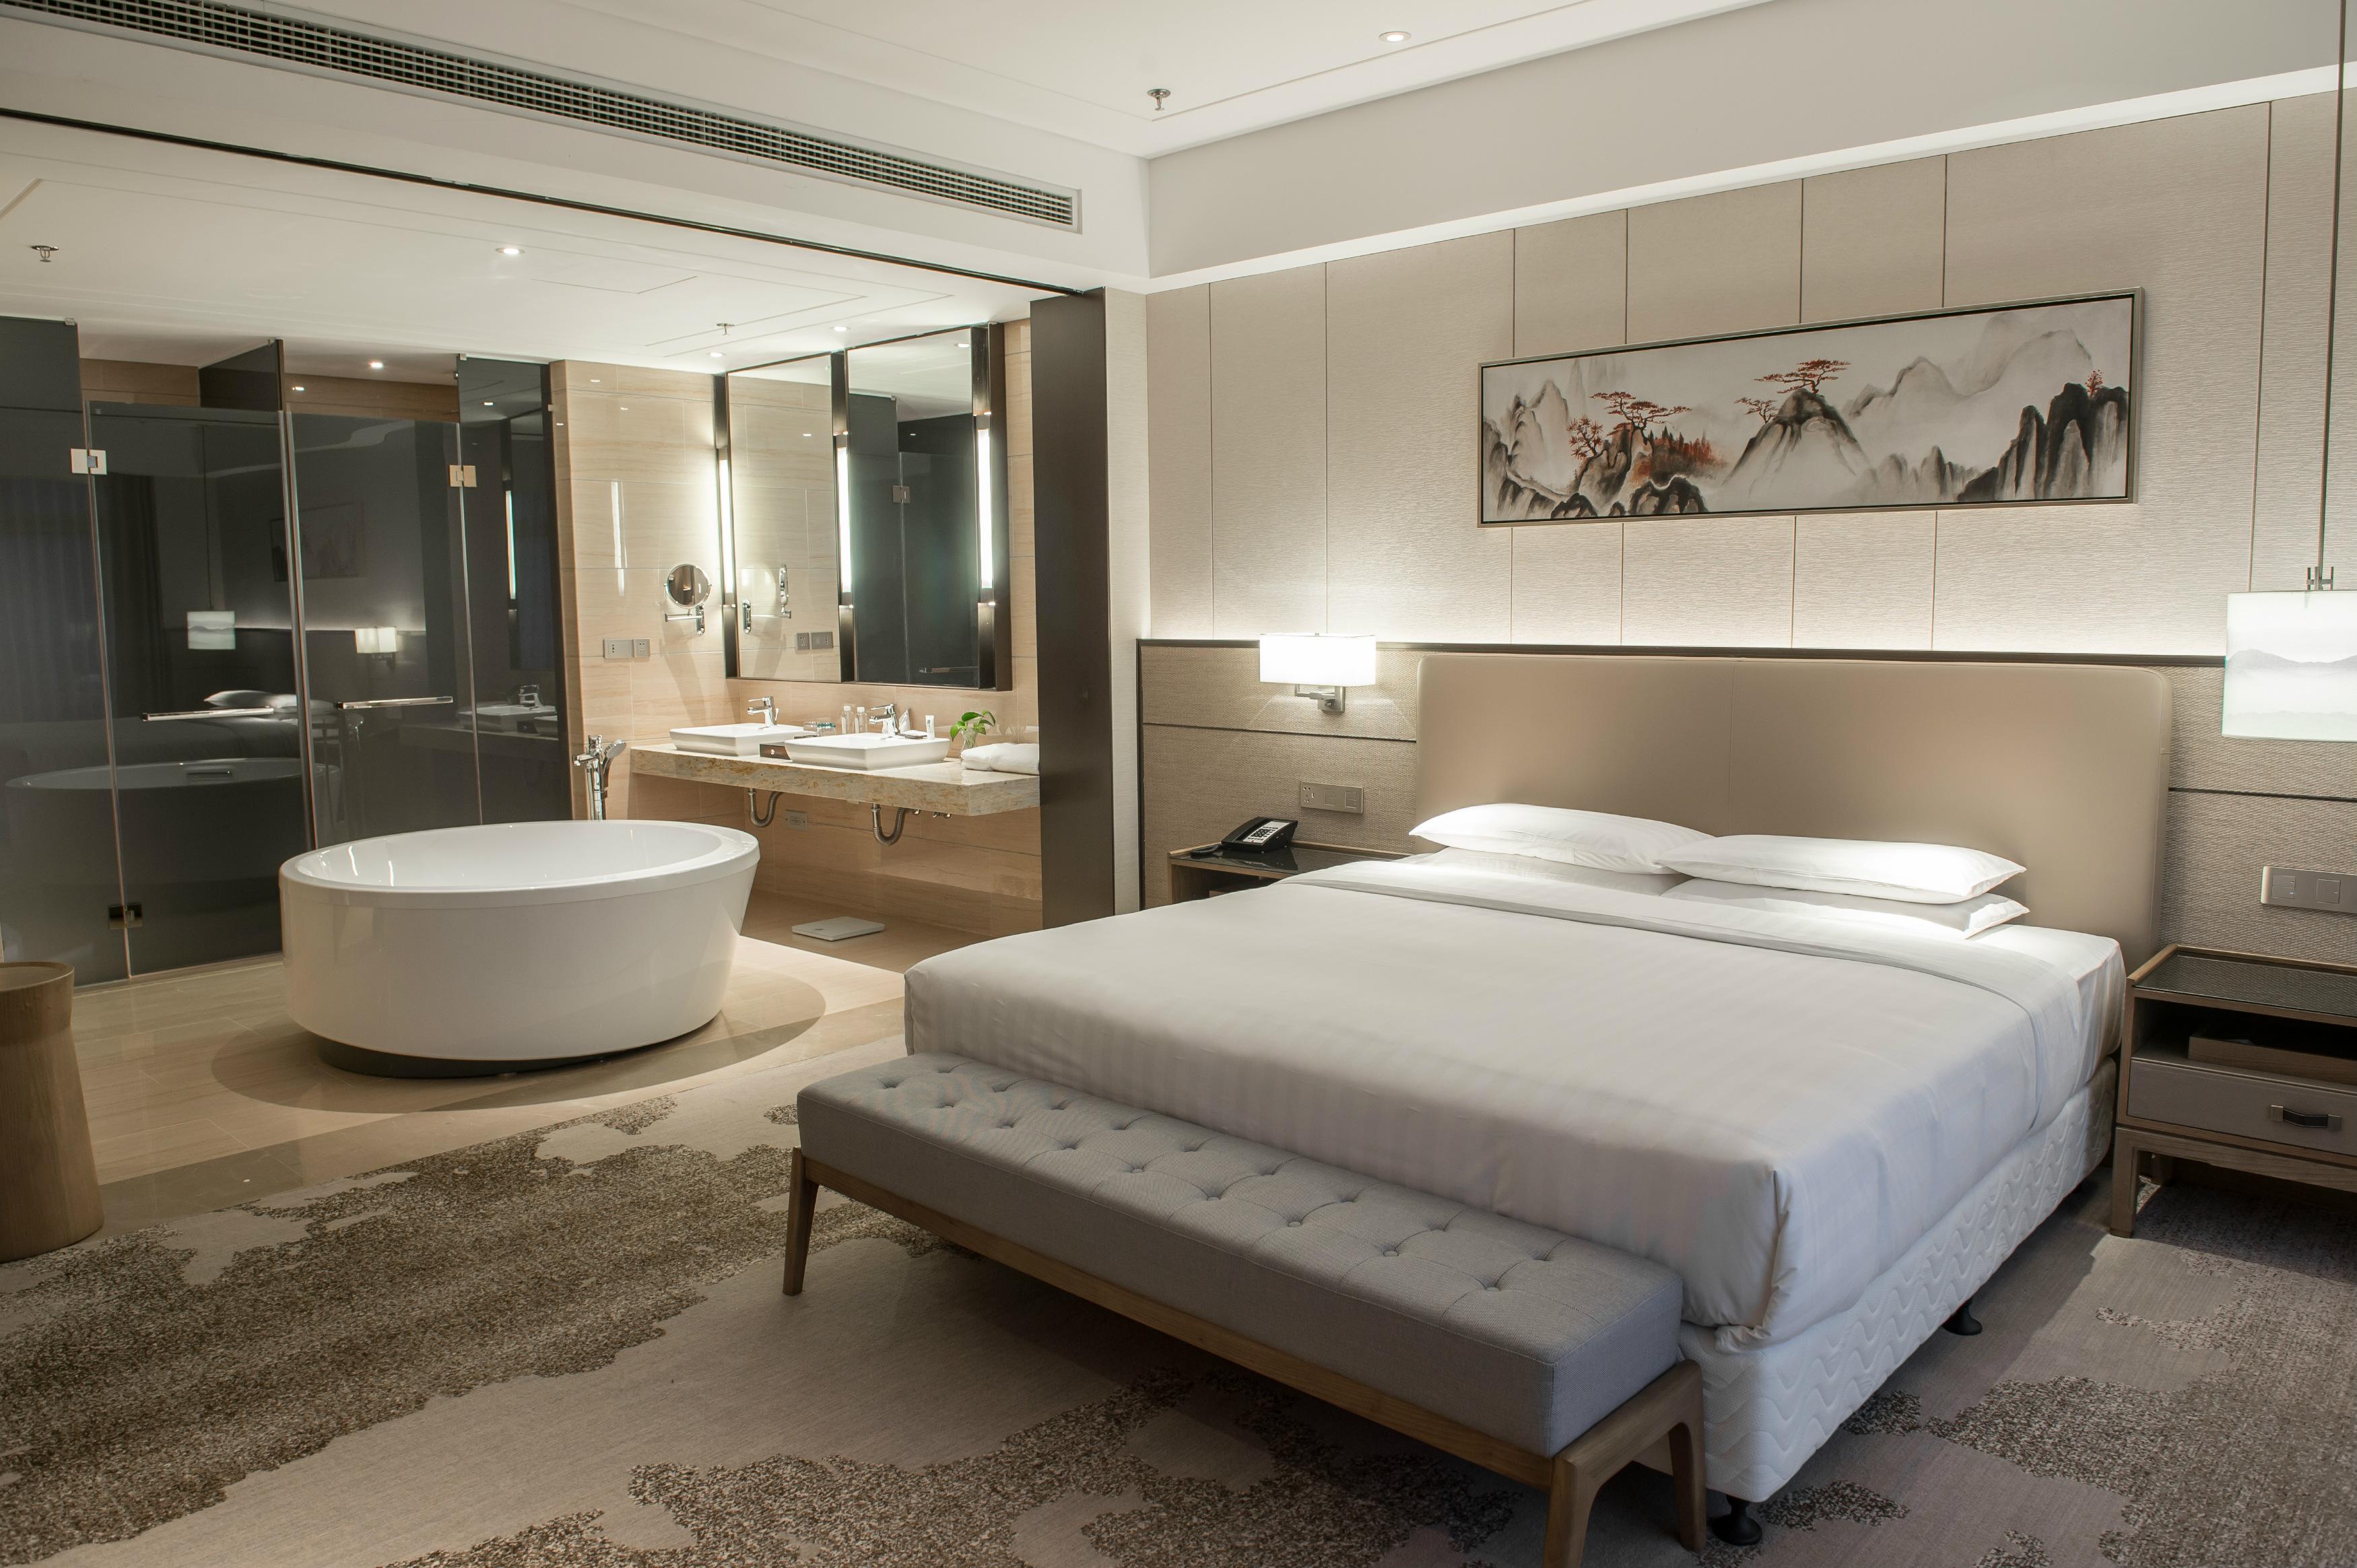 卧室墙卧室家居起居室v卧室背景房间装修现代装修3500_2329日本大米包装设计及说明书图片